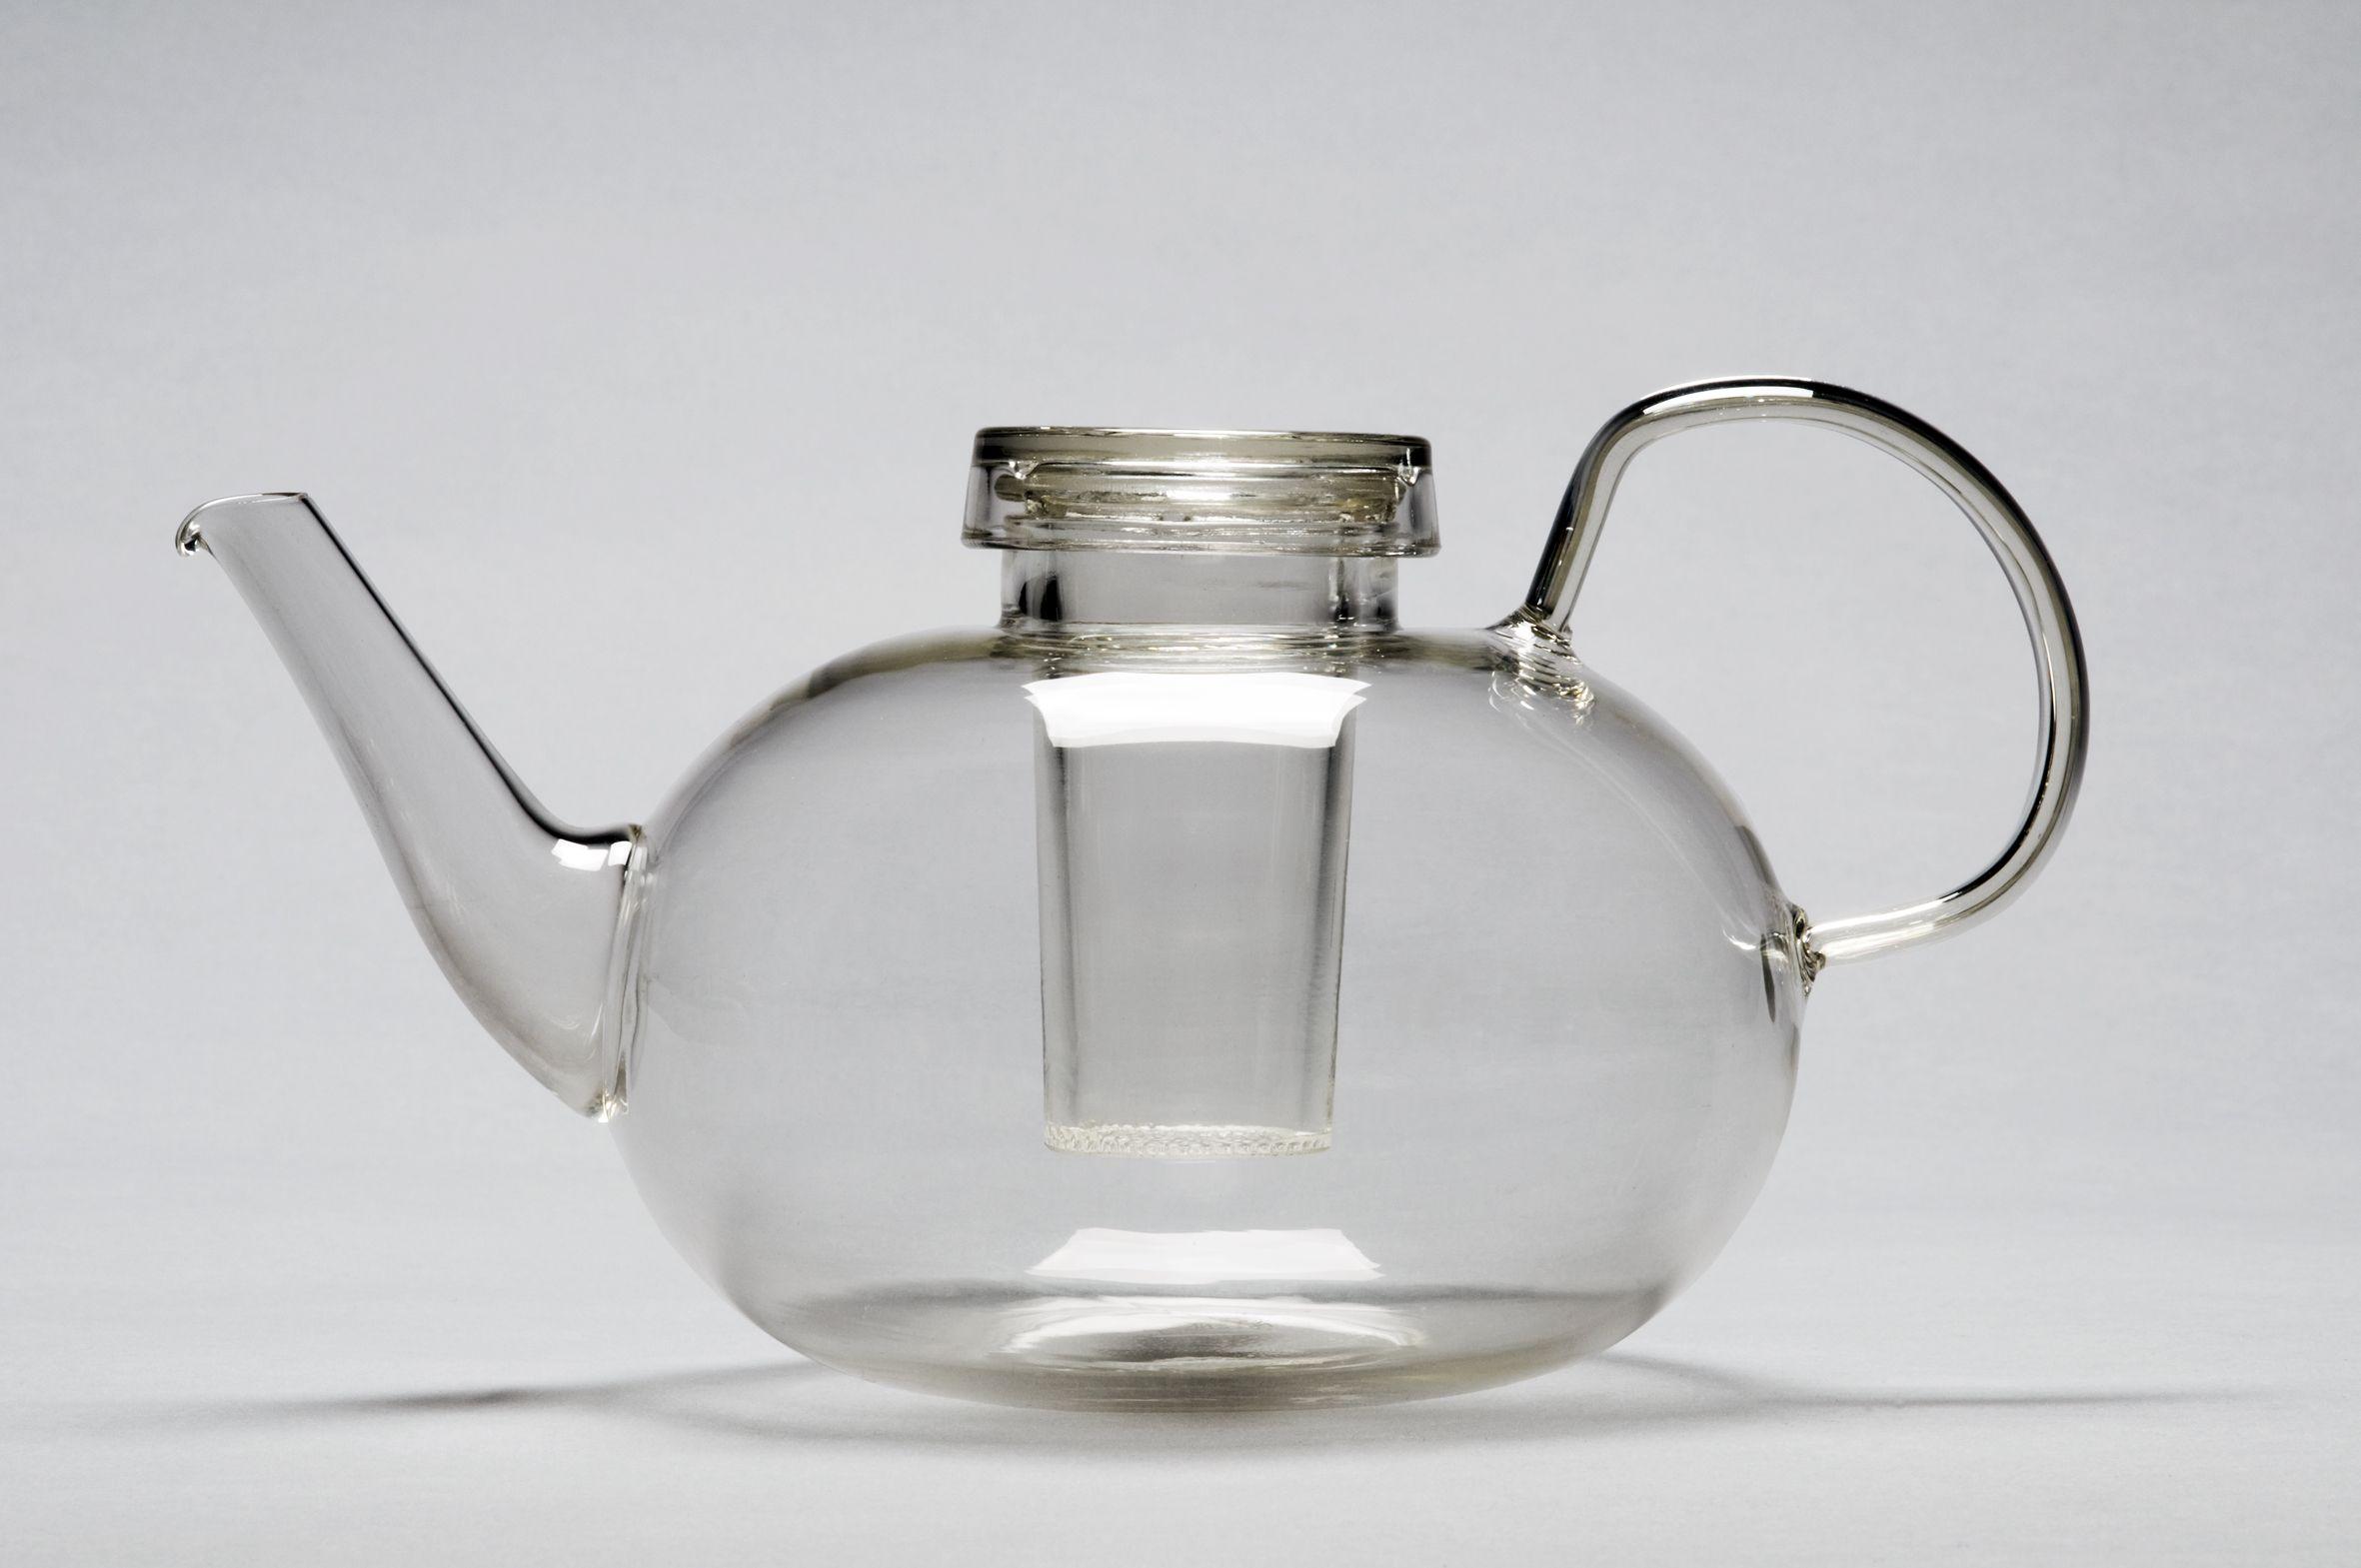 Bule de chá feito de vidro por Whilhem Wagenfeld, que foi